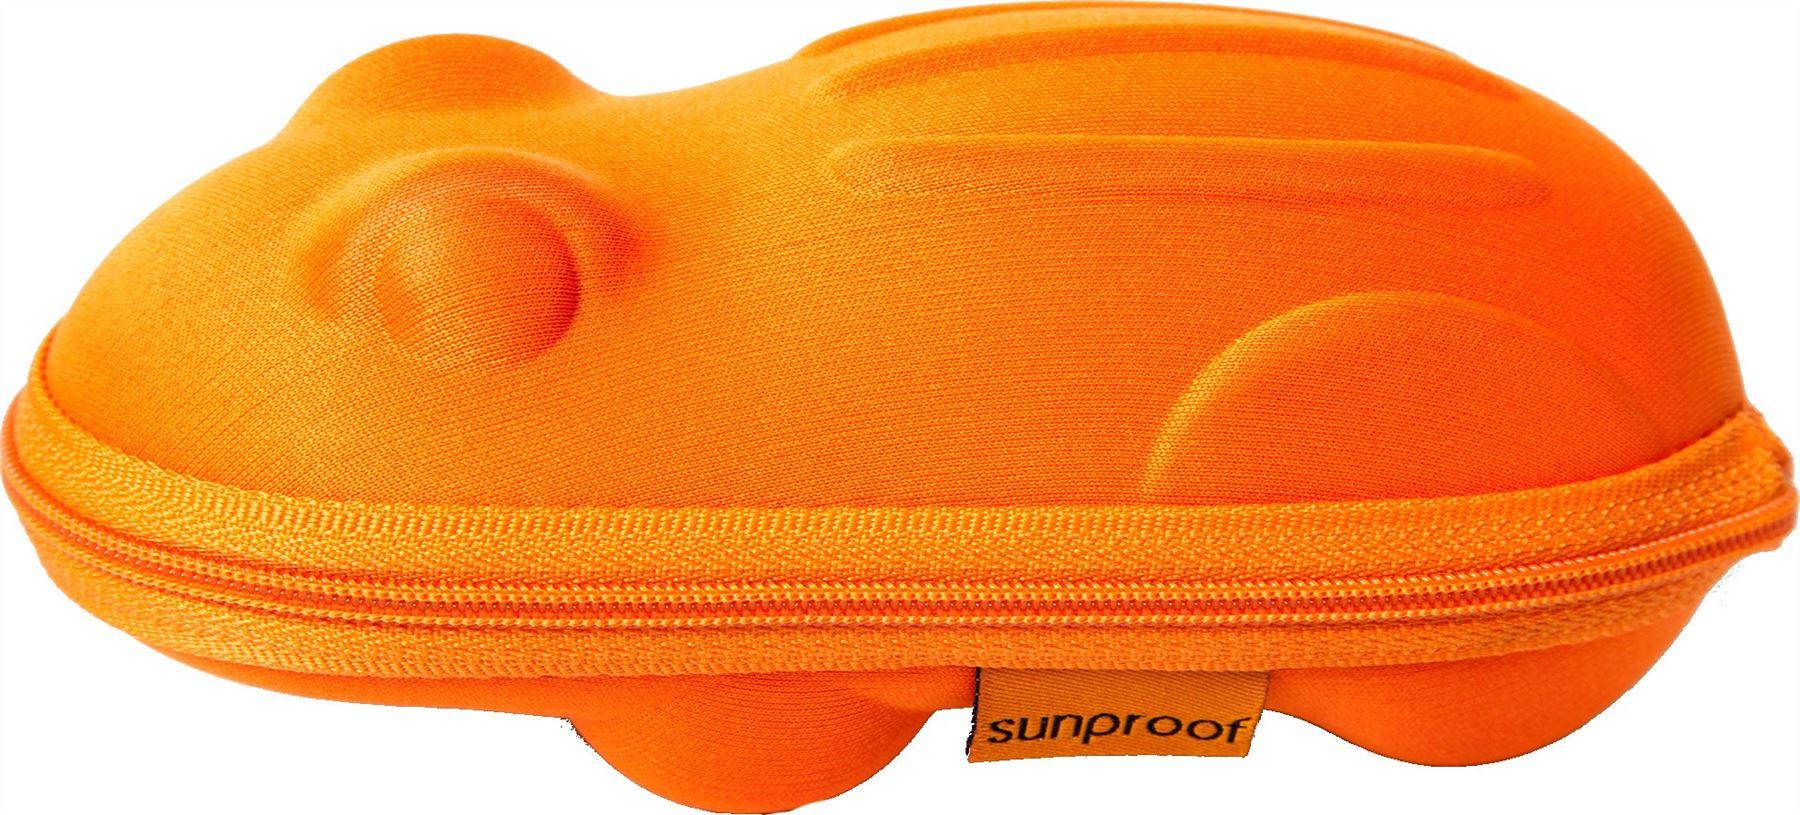 Sunproof-FUNDA-Gafas-de-Sol-Proteccion-Sol-Playa-Nuevo miniatura 11